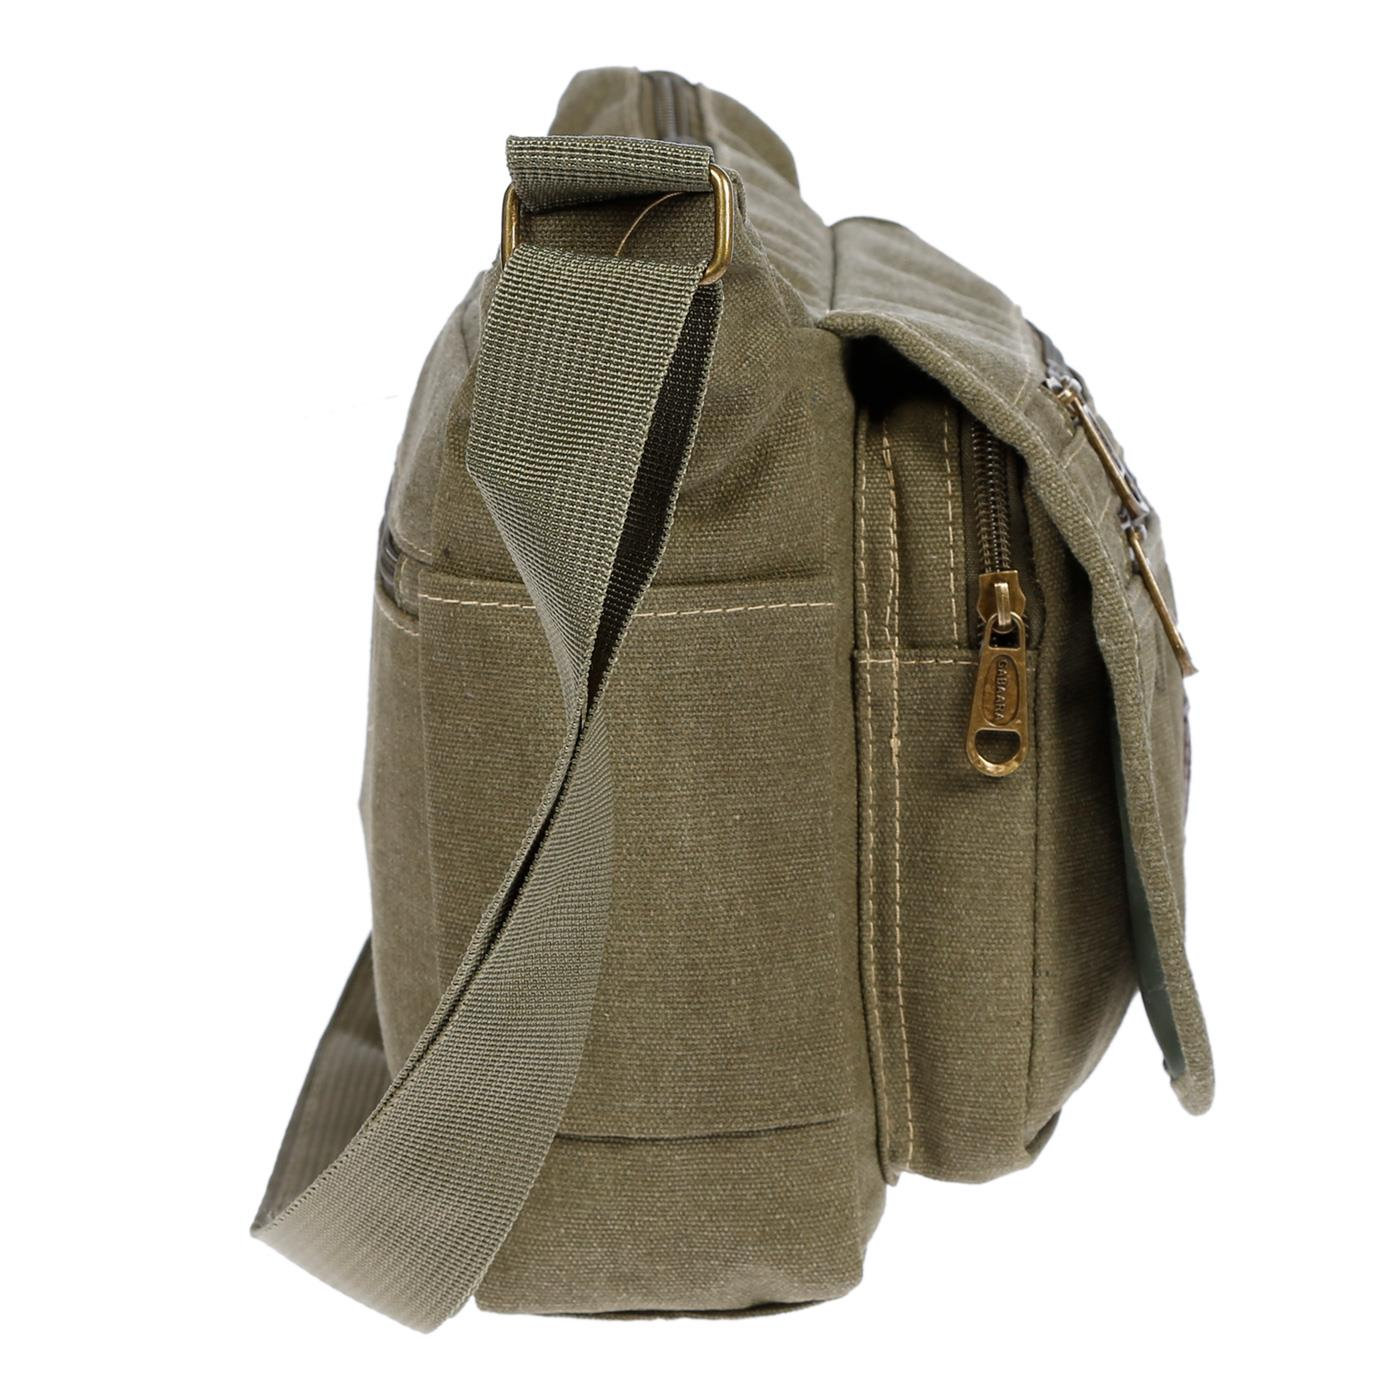 Damen-Tasche-Canvas-Umhaengetasche-Schultertasche-Crossover-Bag-Damenhandtasche Indexbild 39